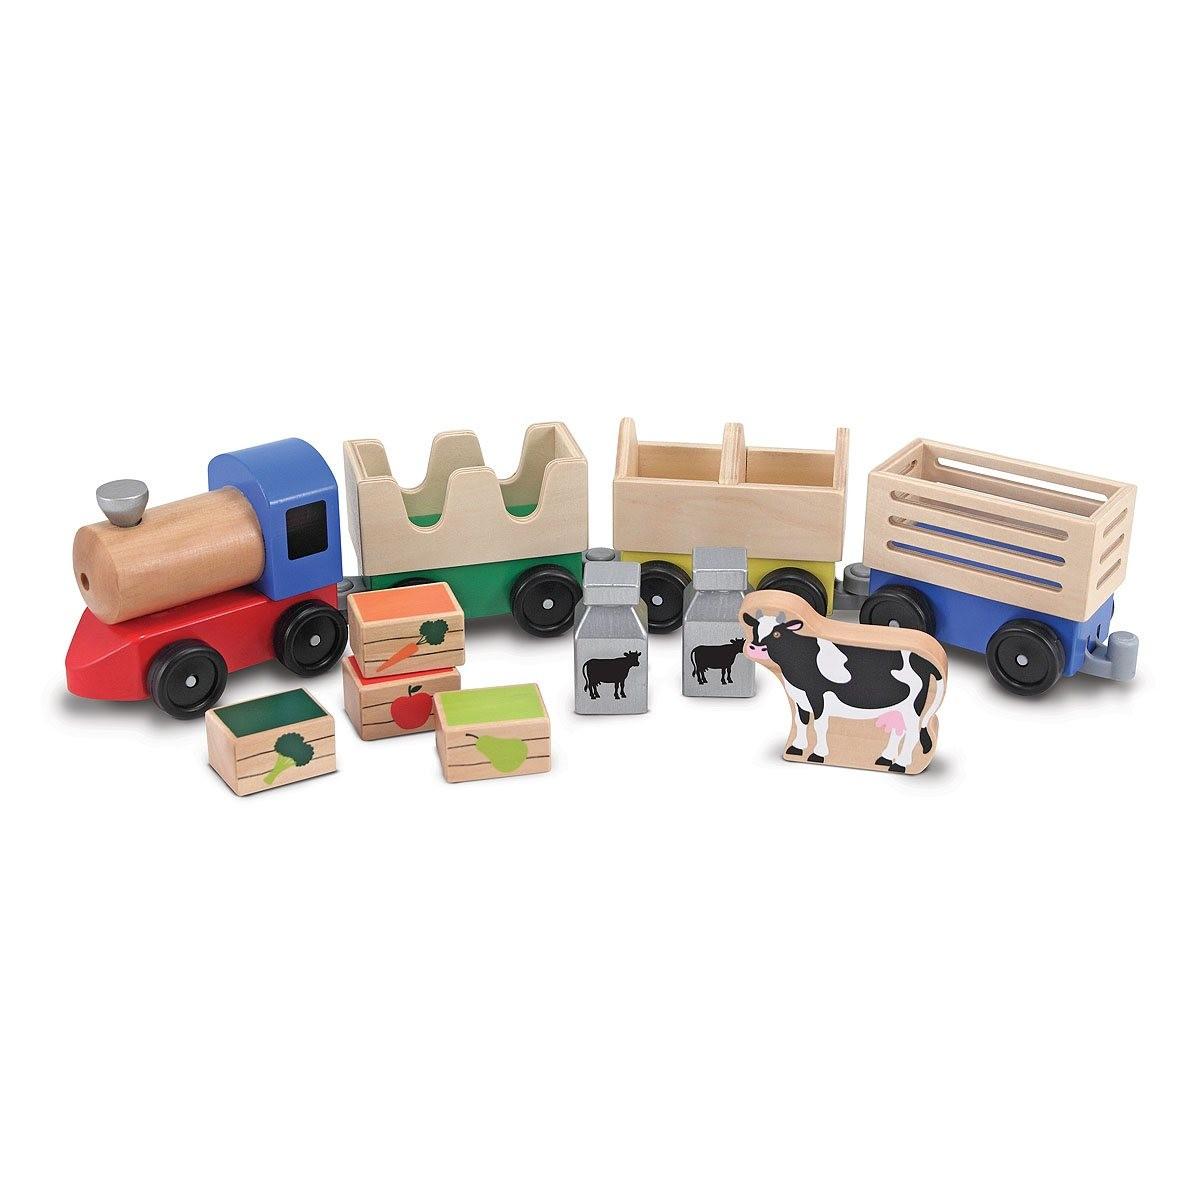 Деревянный фермерский поезд из серии  Классические игрушки  - Игровые наборы Зоопарк, Ферма, артикул: 138971